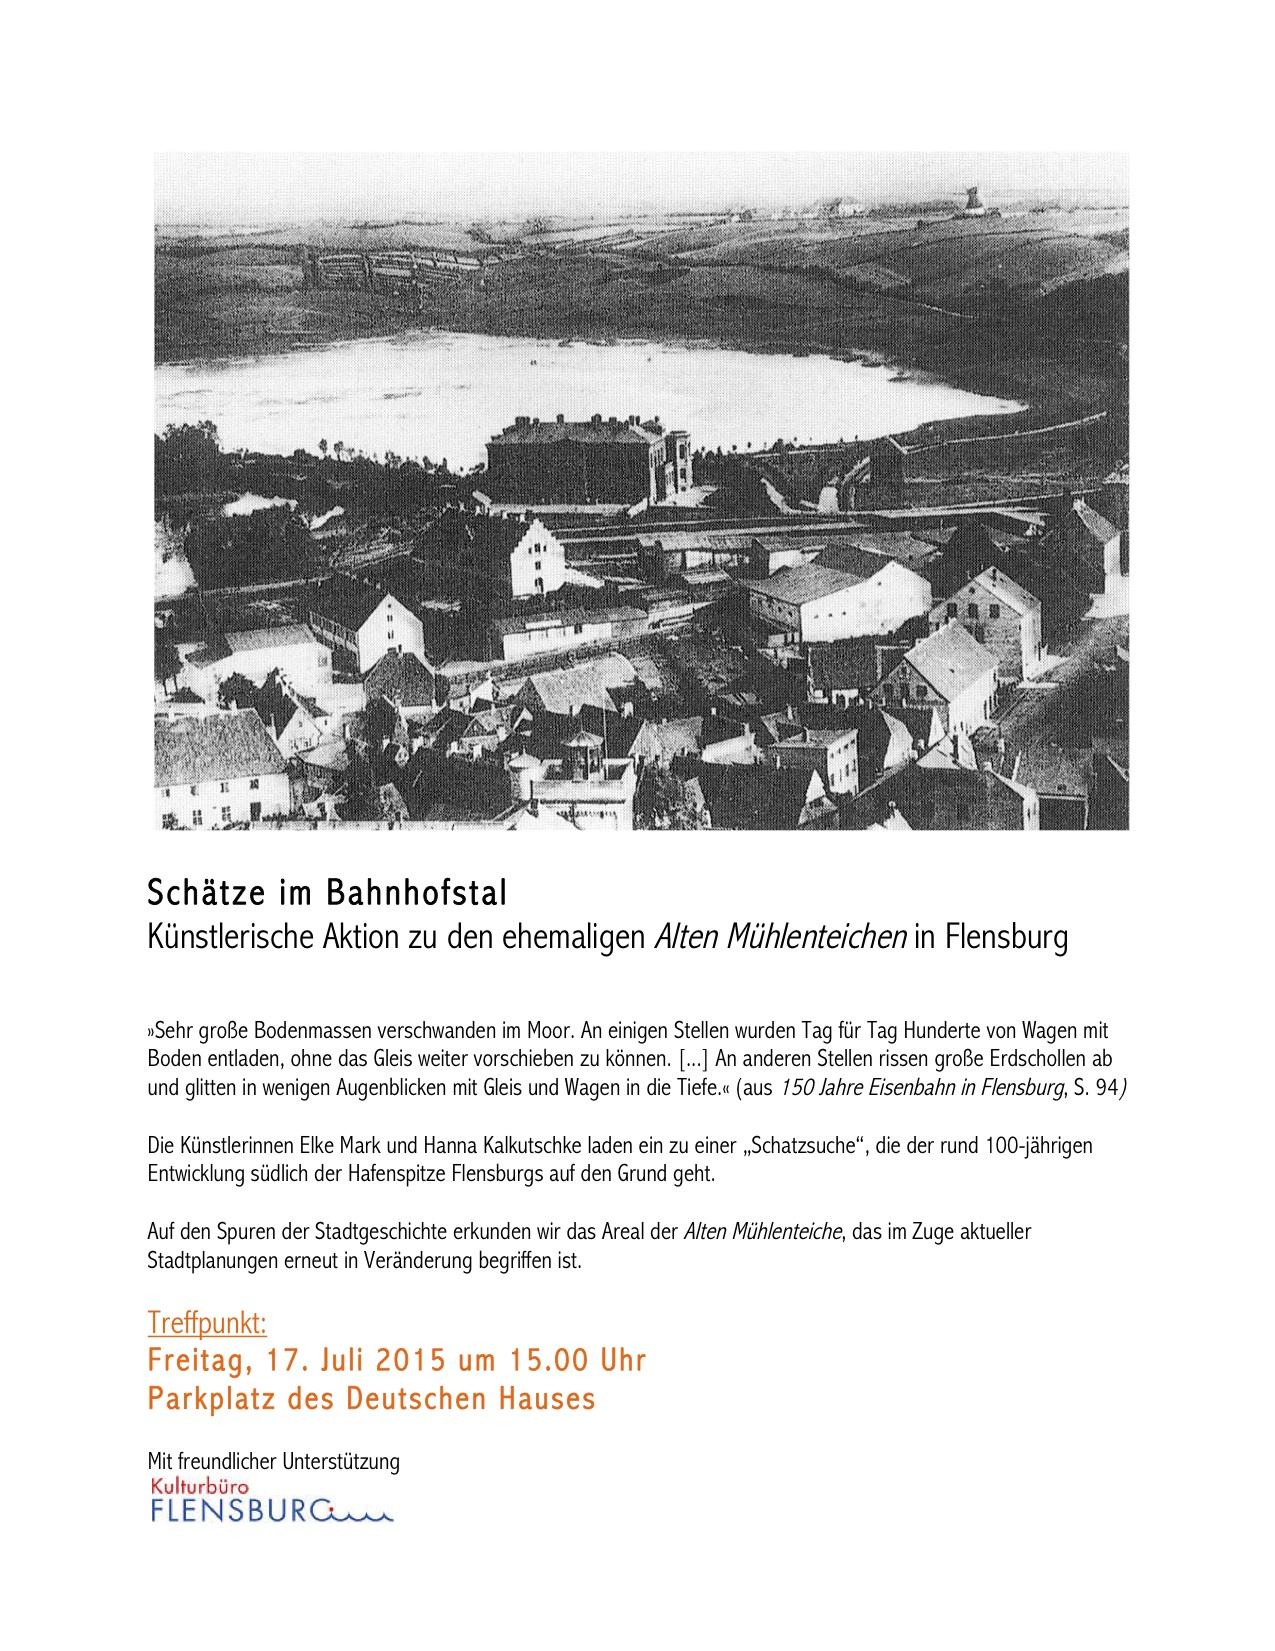 Schätze_im_Bahnhofstal_17.07.15